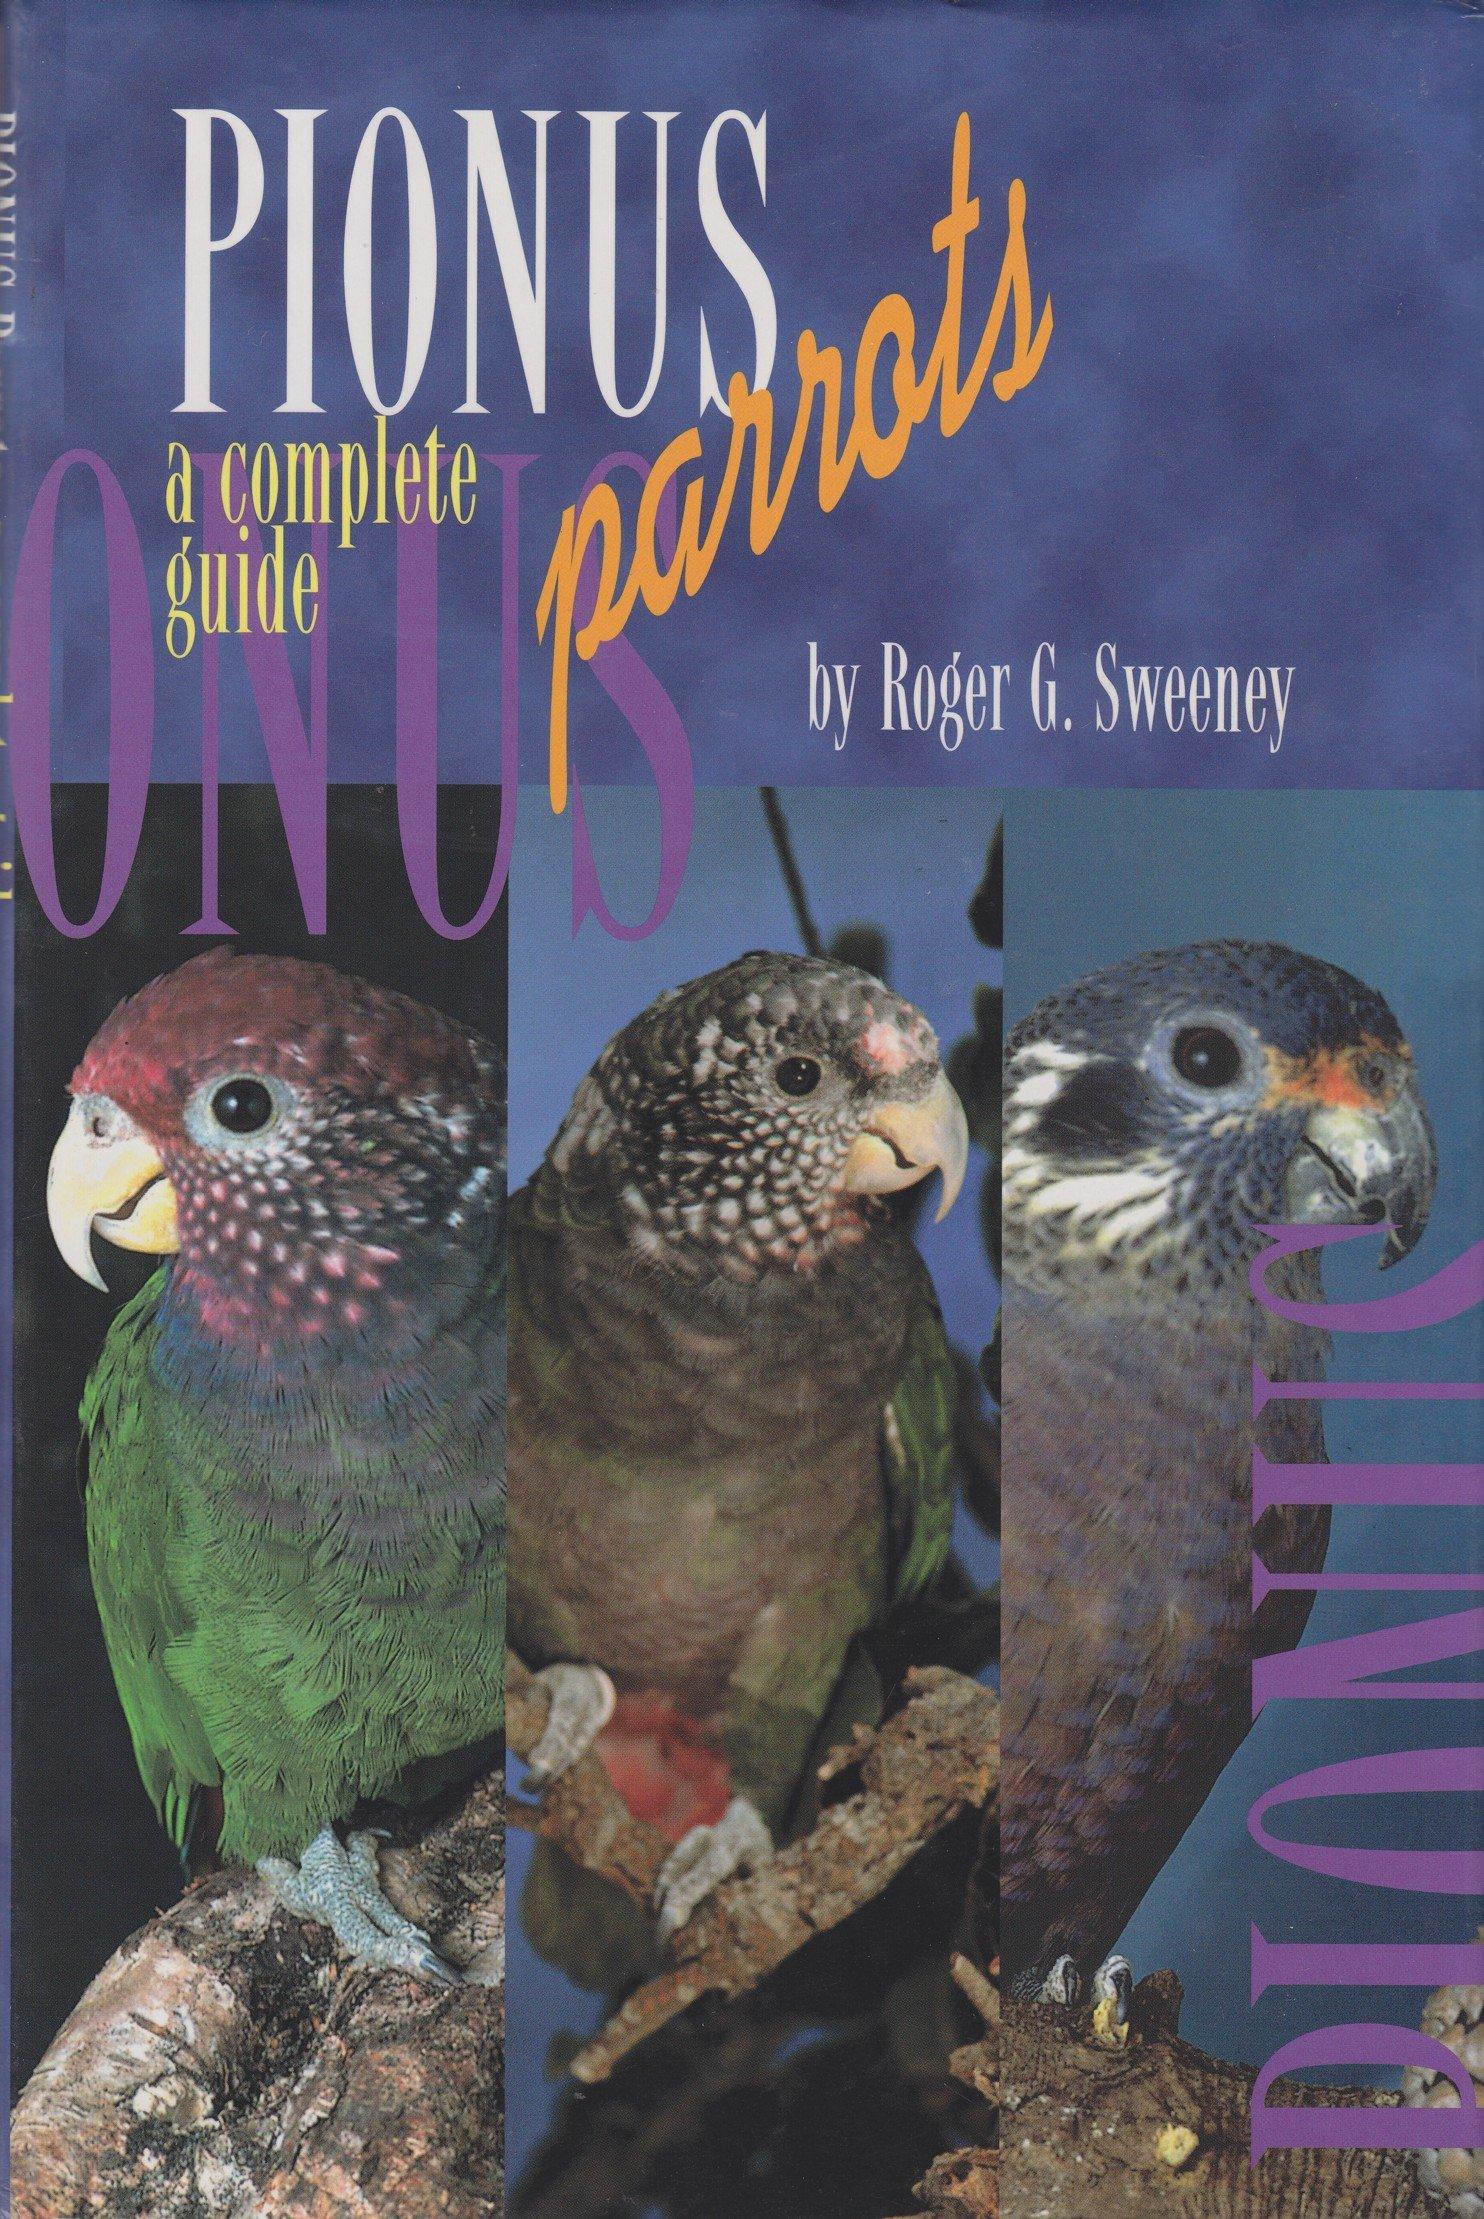 Pionus Parrots: A Complete Guide